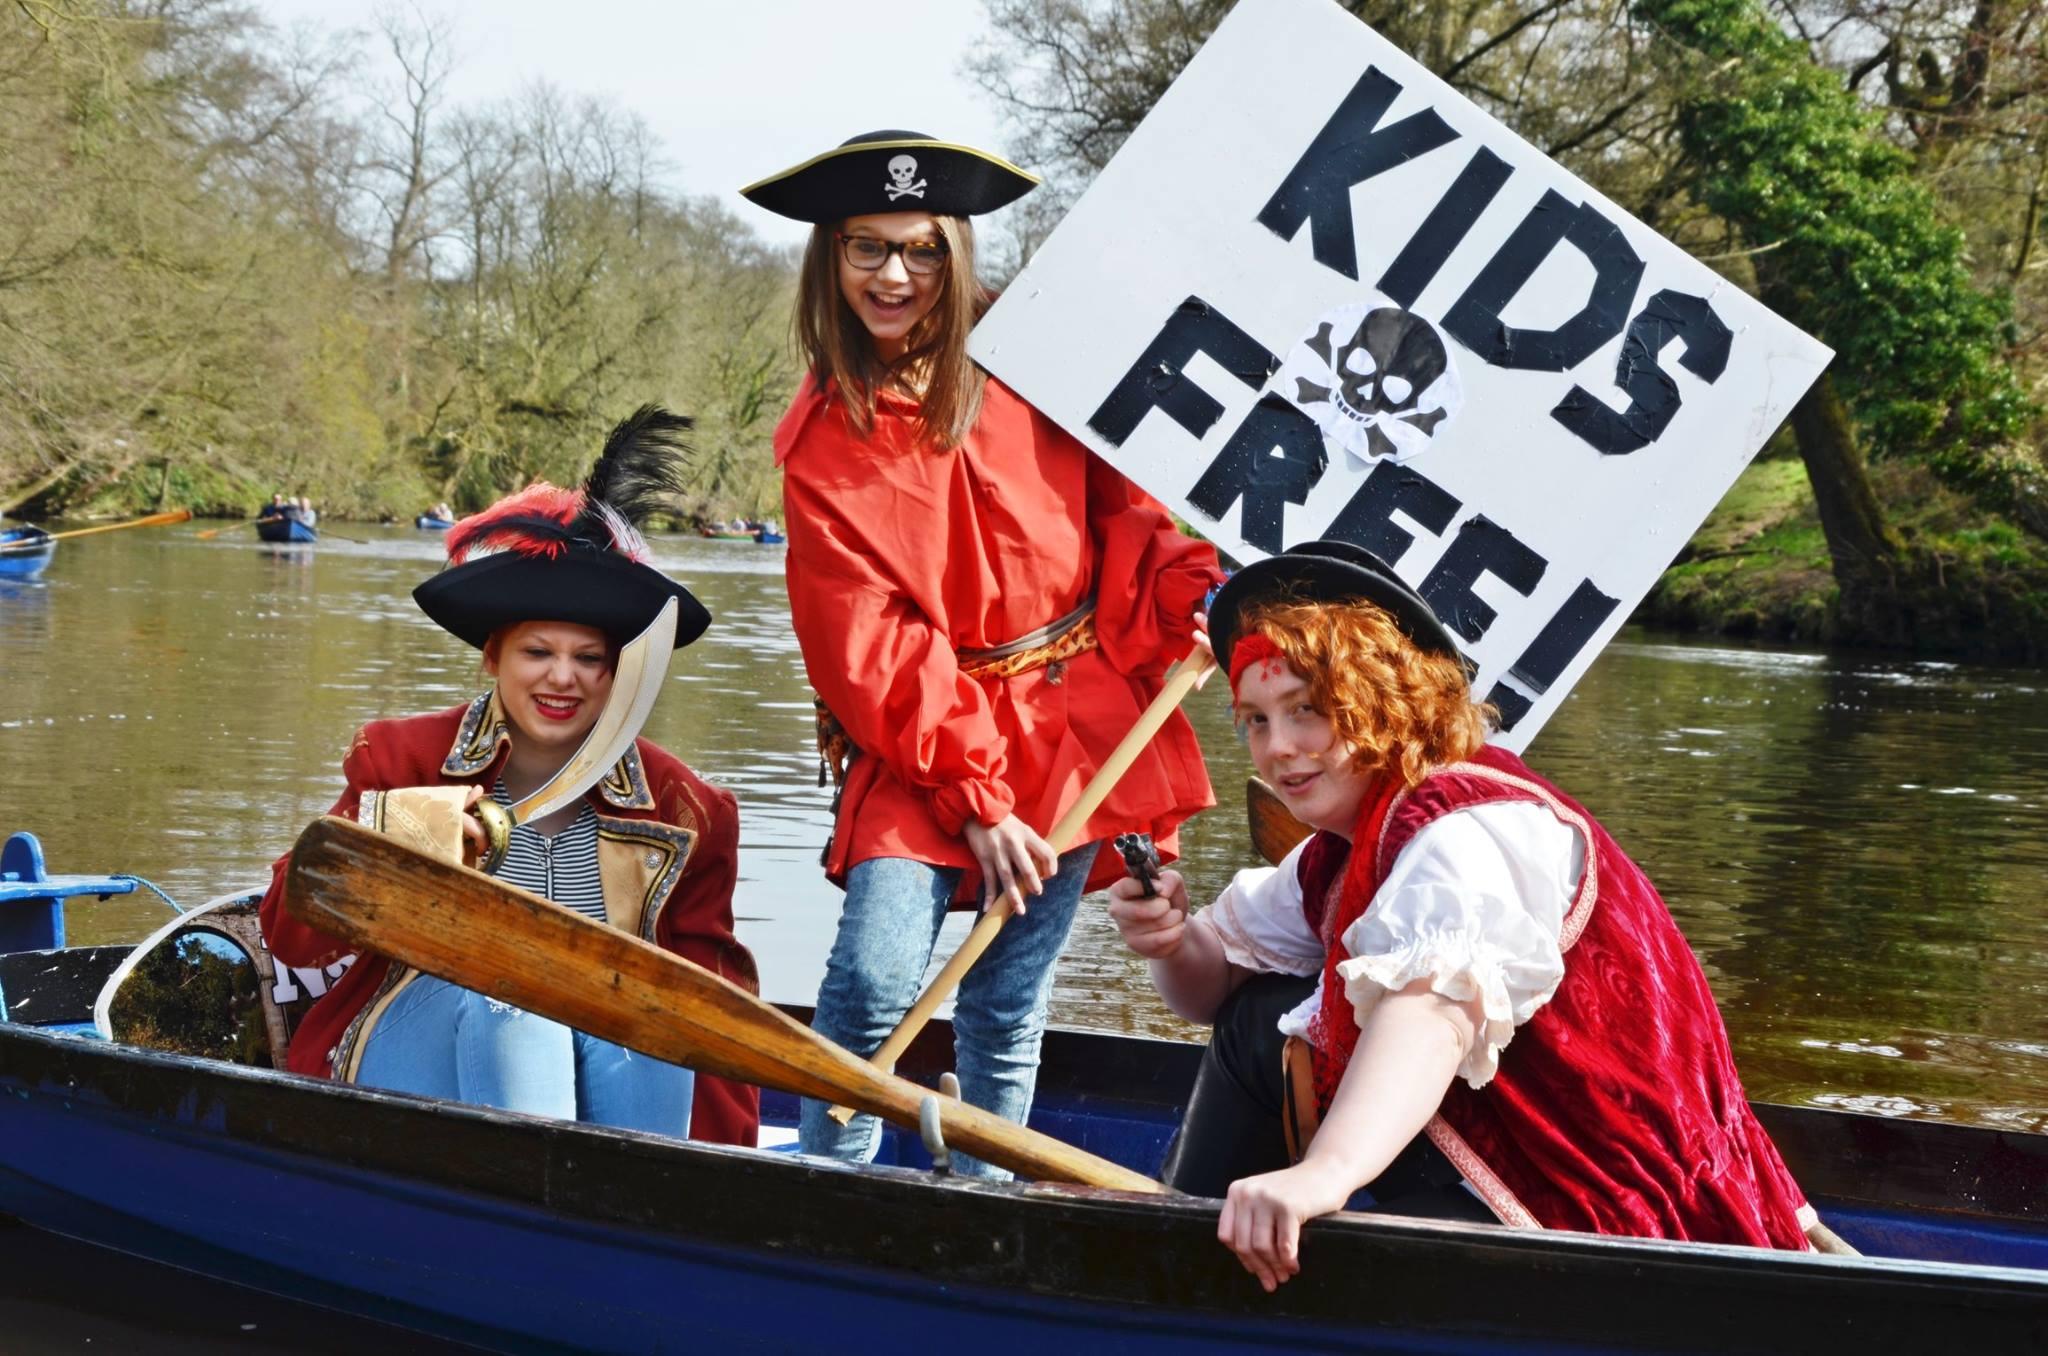 Children go free!